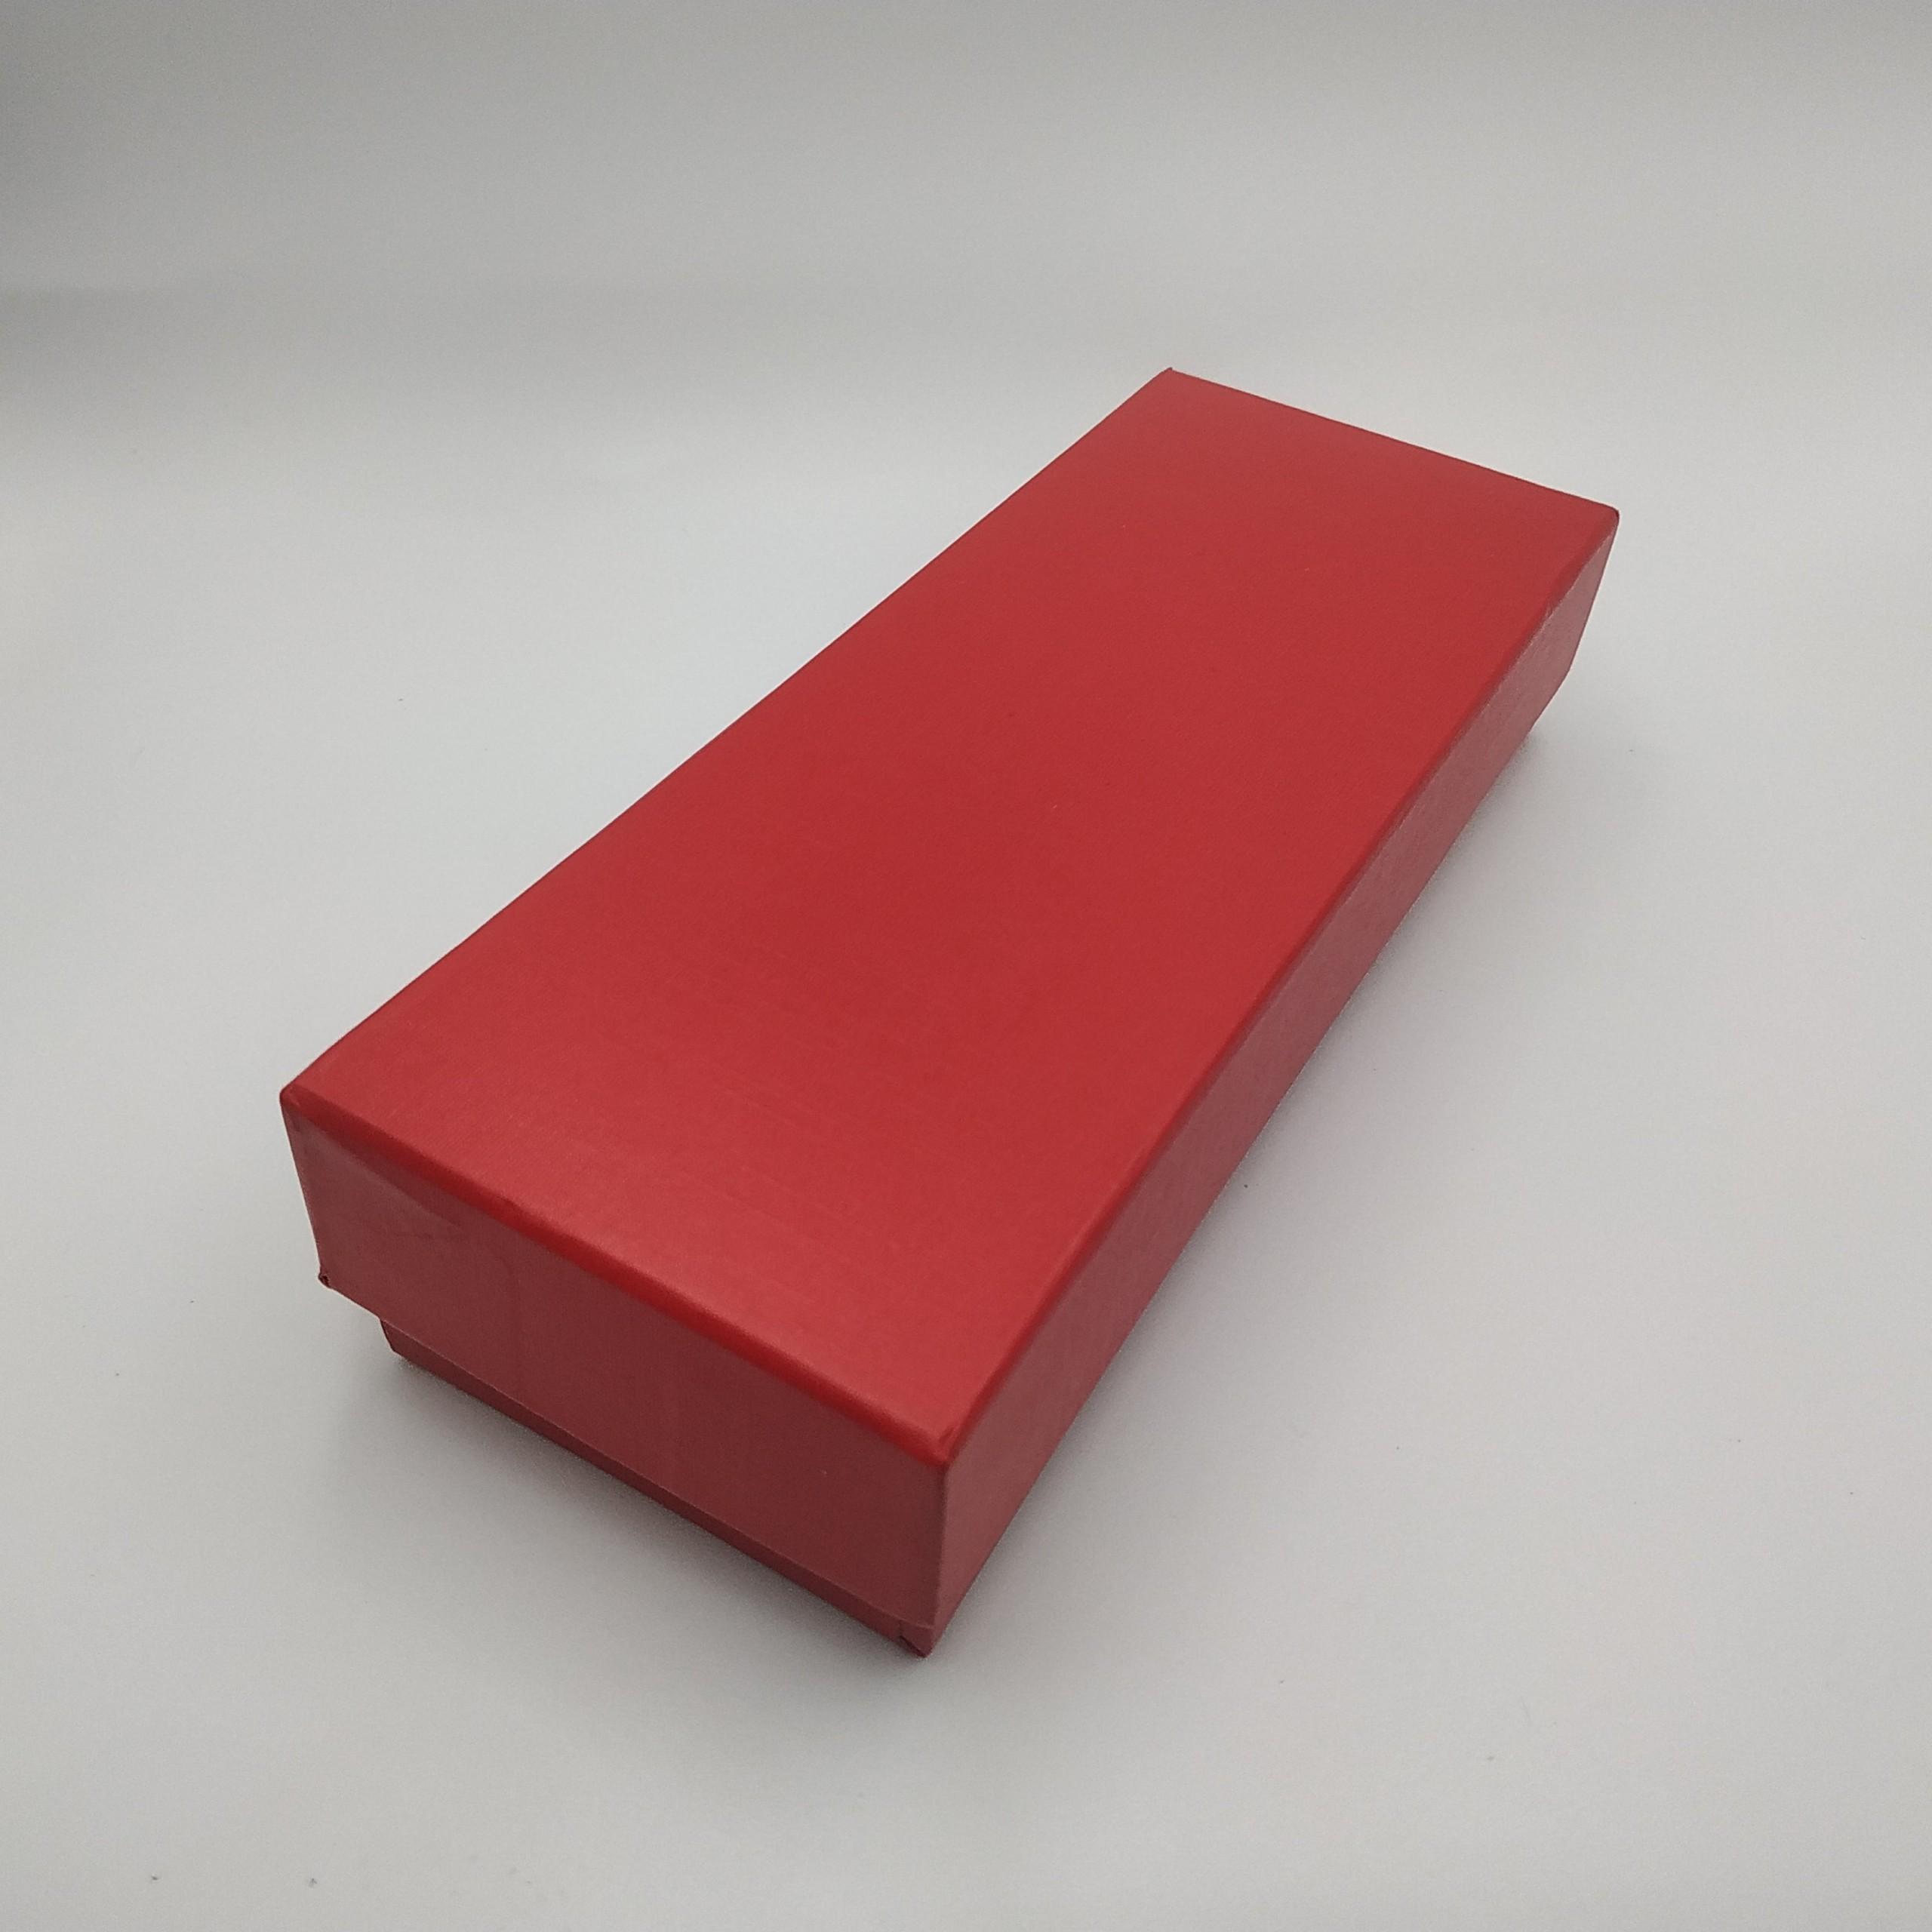 Bộ bút gỗ cao cấp Tặng Thầy (Kèm hộp đựng sang trọng)